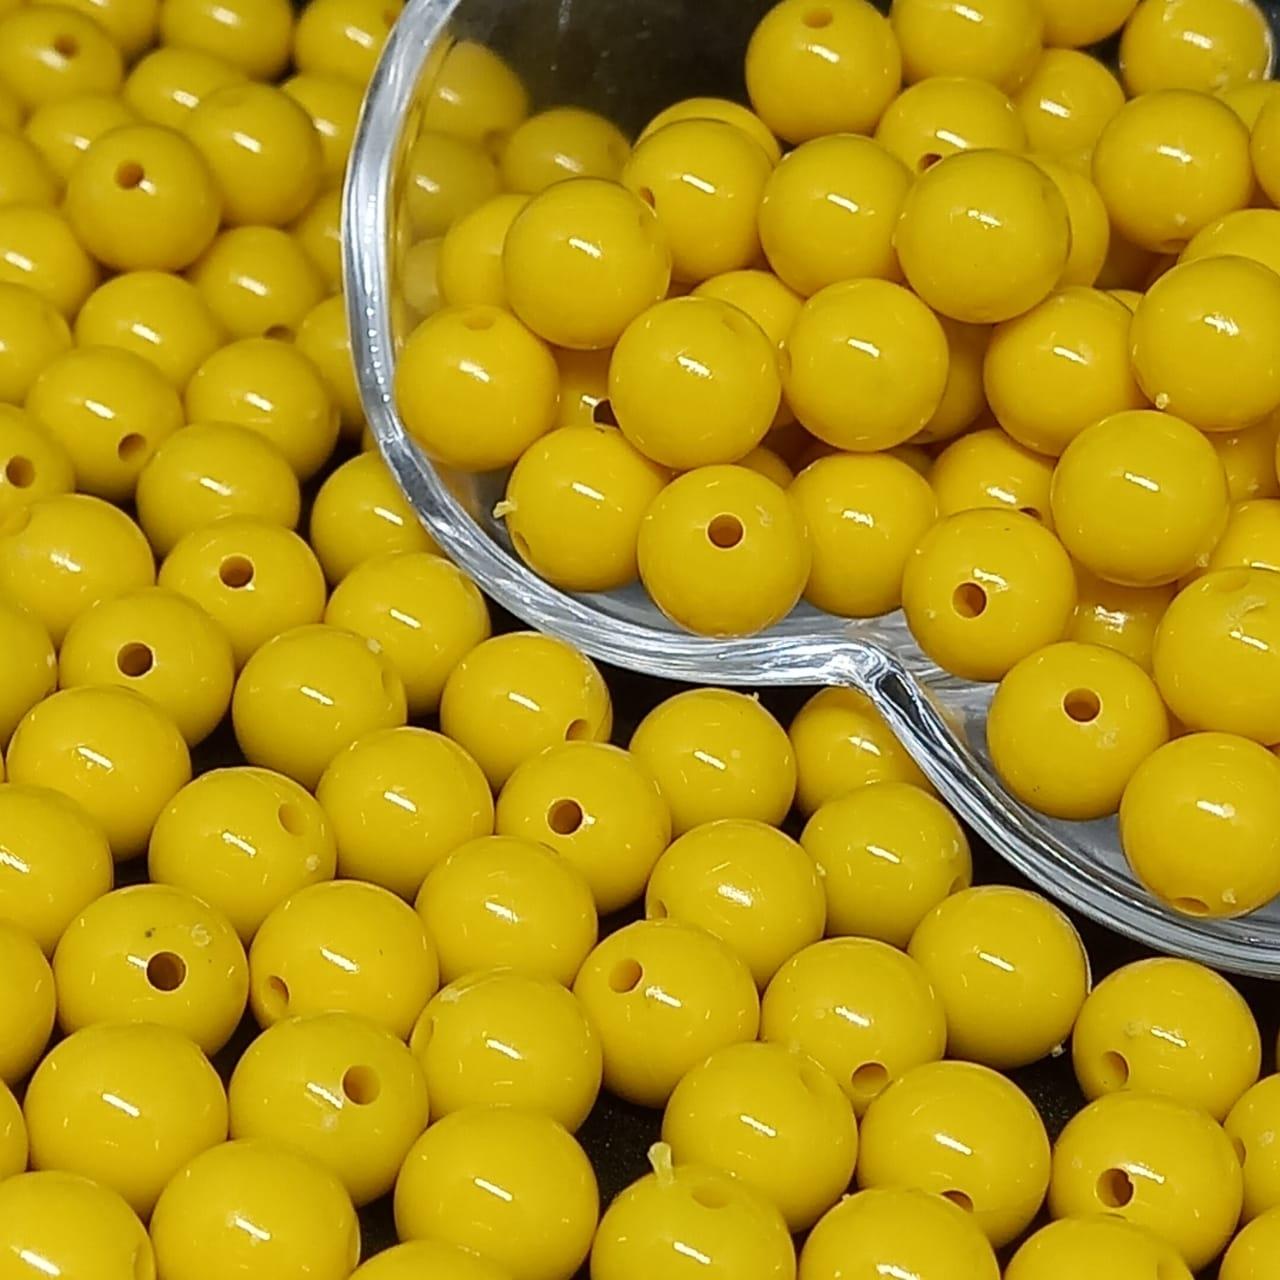 Bolinha de plástico amarela - 25g 10mm